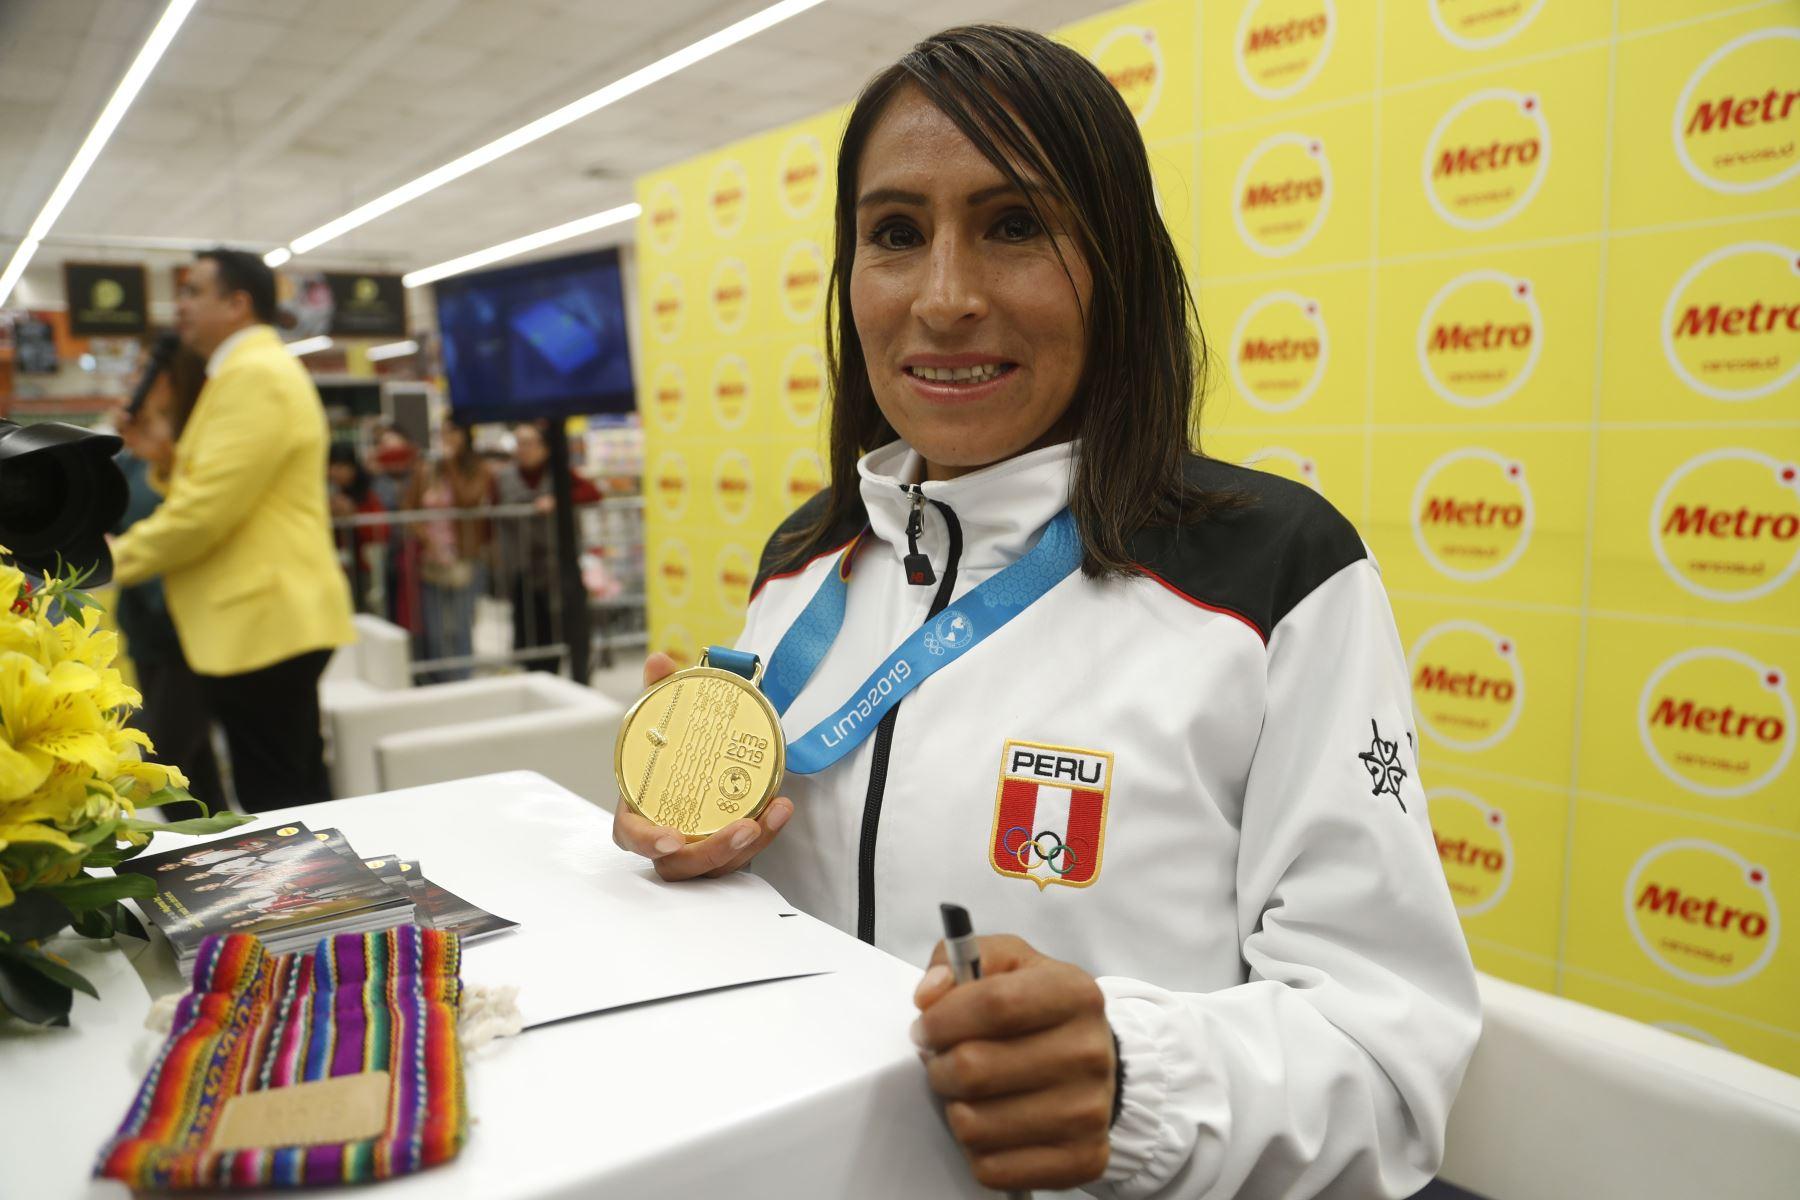 Gladys Tejeda, deportista peruana de la especialidad de Karate. Fue medalla de oro en los Juegos Panamericanos de Lima 2019. Foto: ANDINA/Josue Ramos